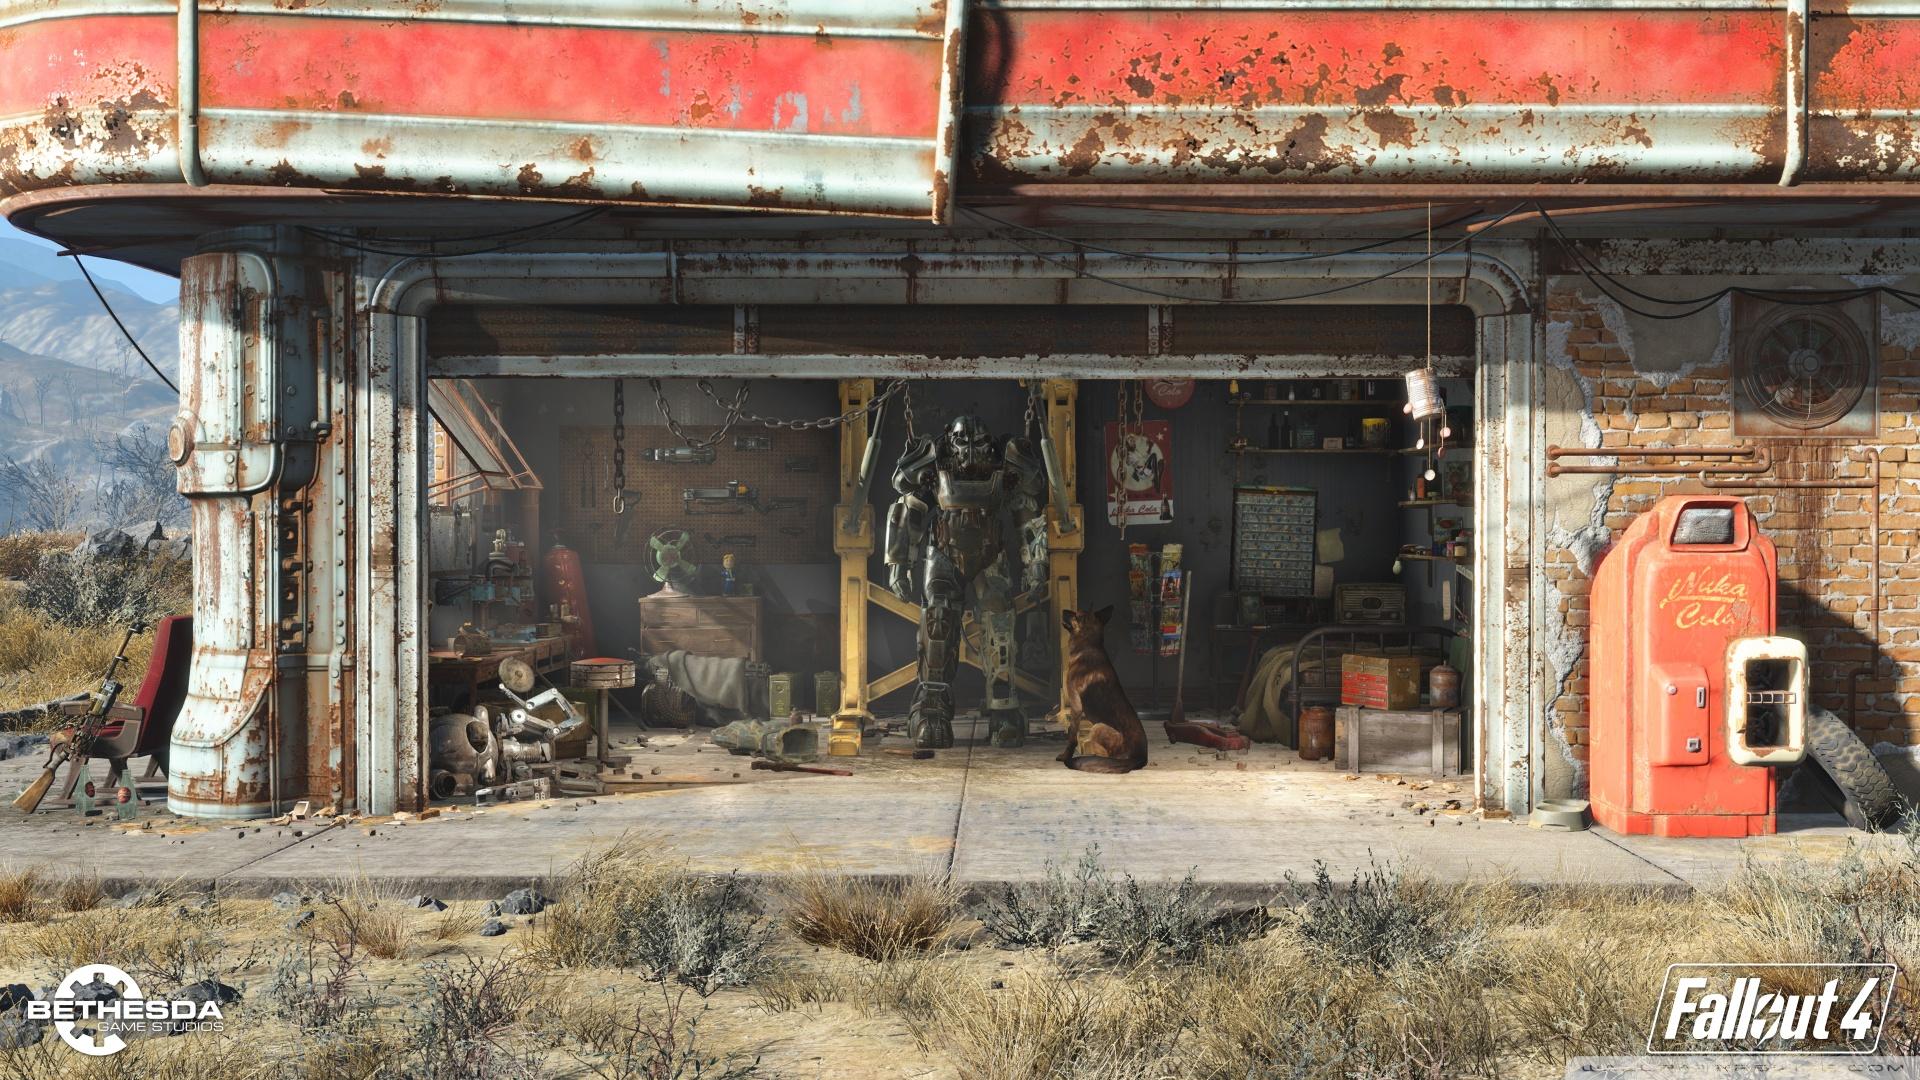 fallout_4_hd-wallpaper-1920x1080